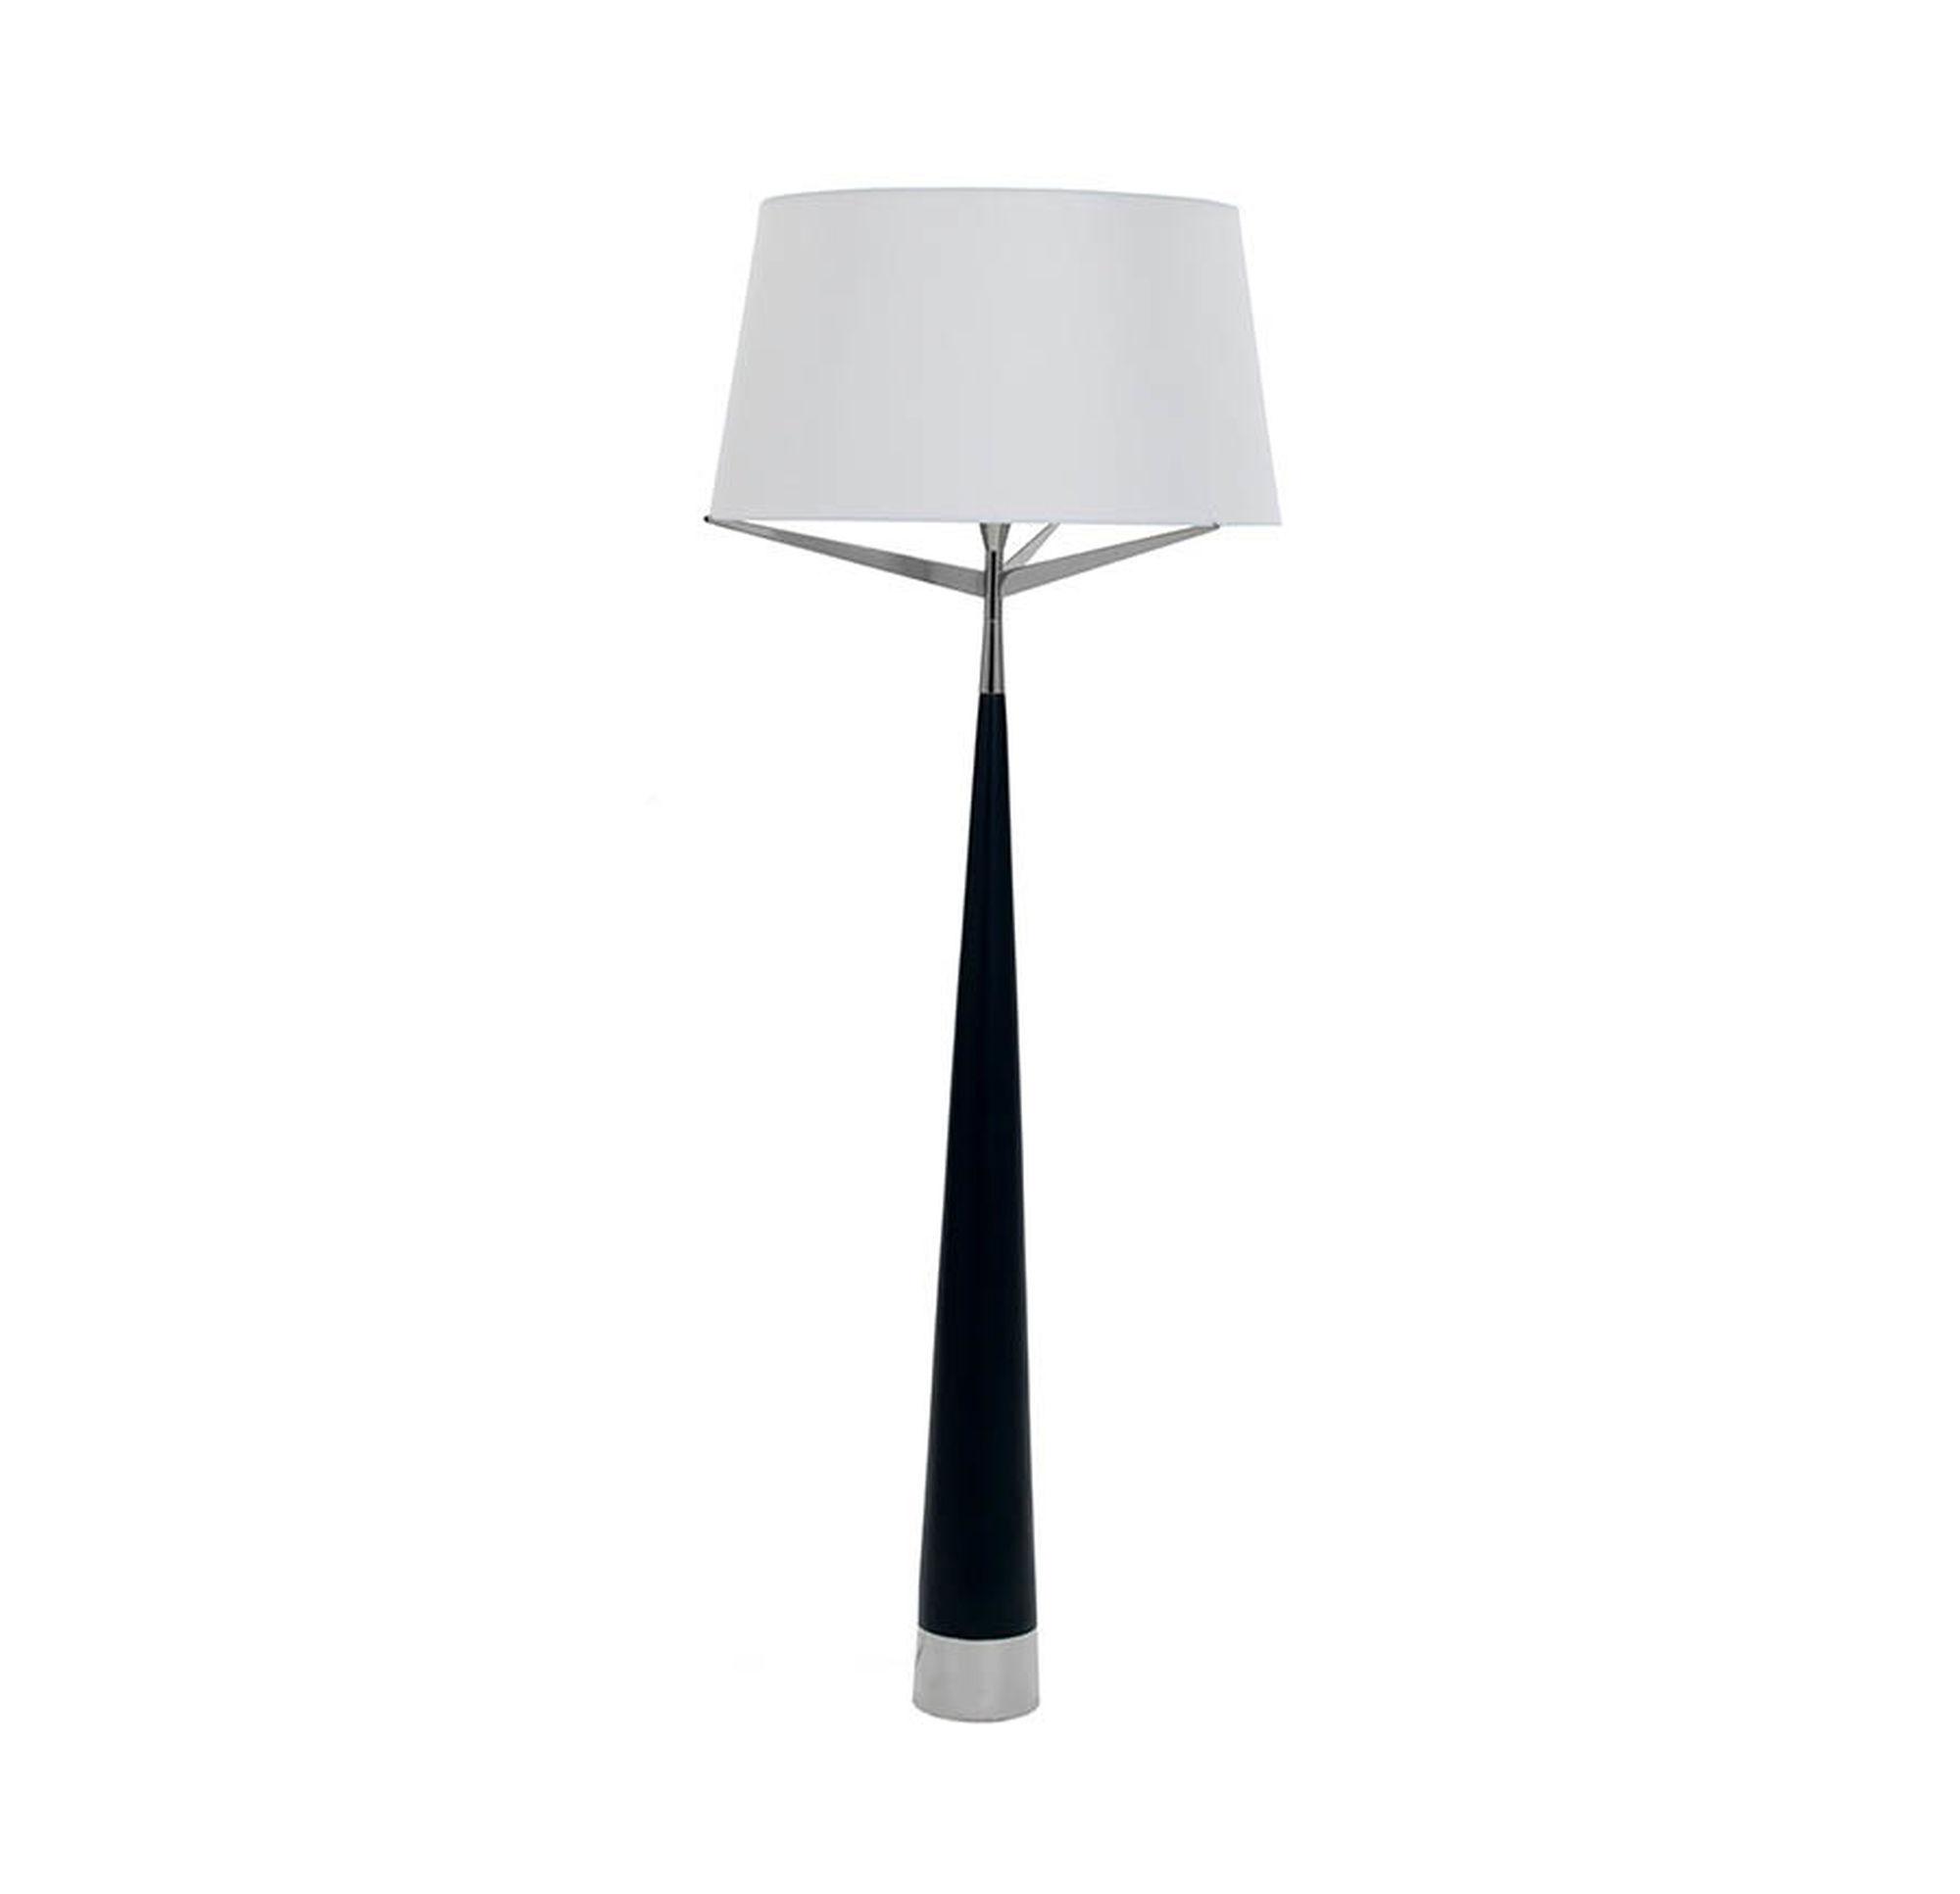 l light floor dark contemporary fishpools tiffany uk star lamps traditional uplighter database lamp